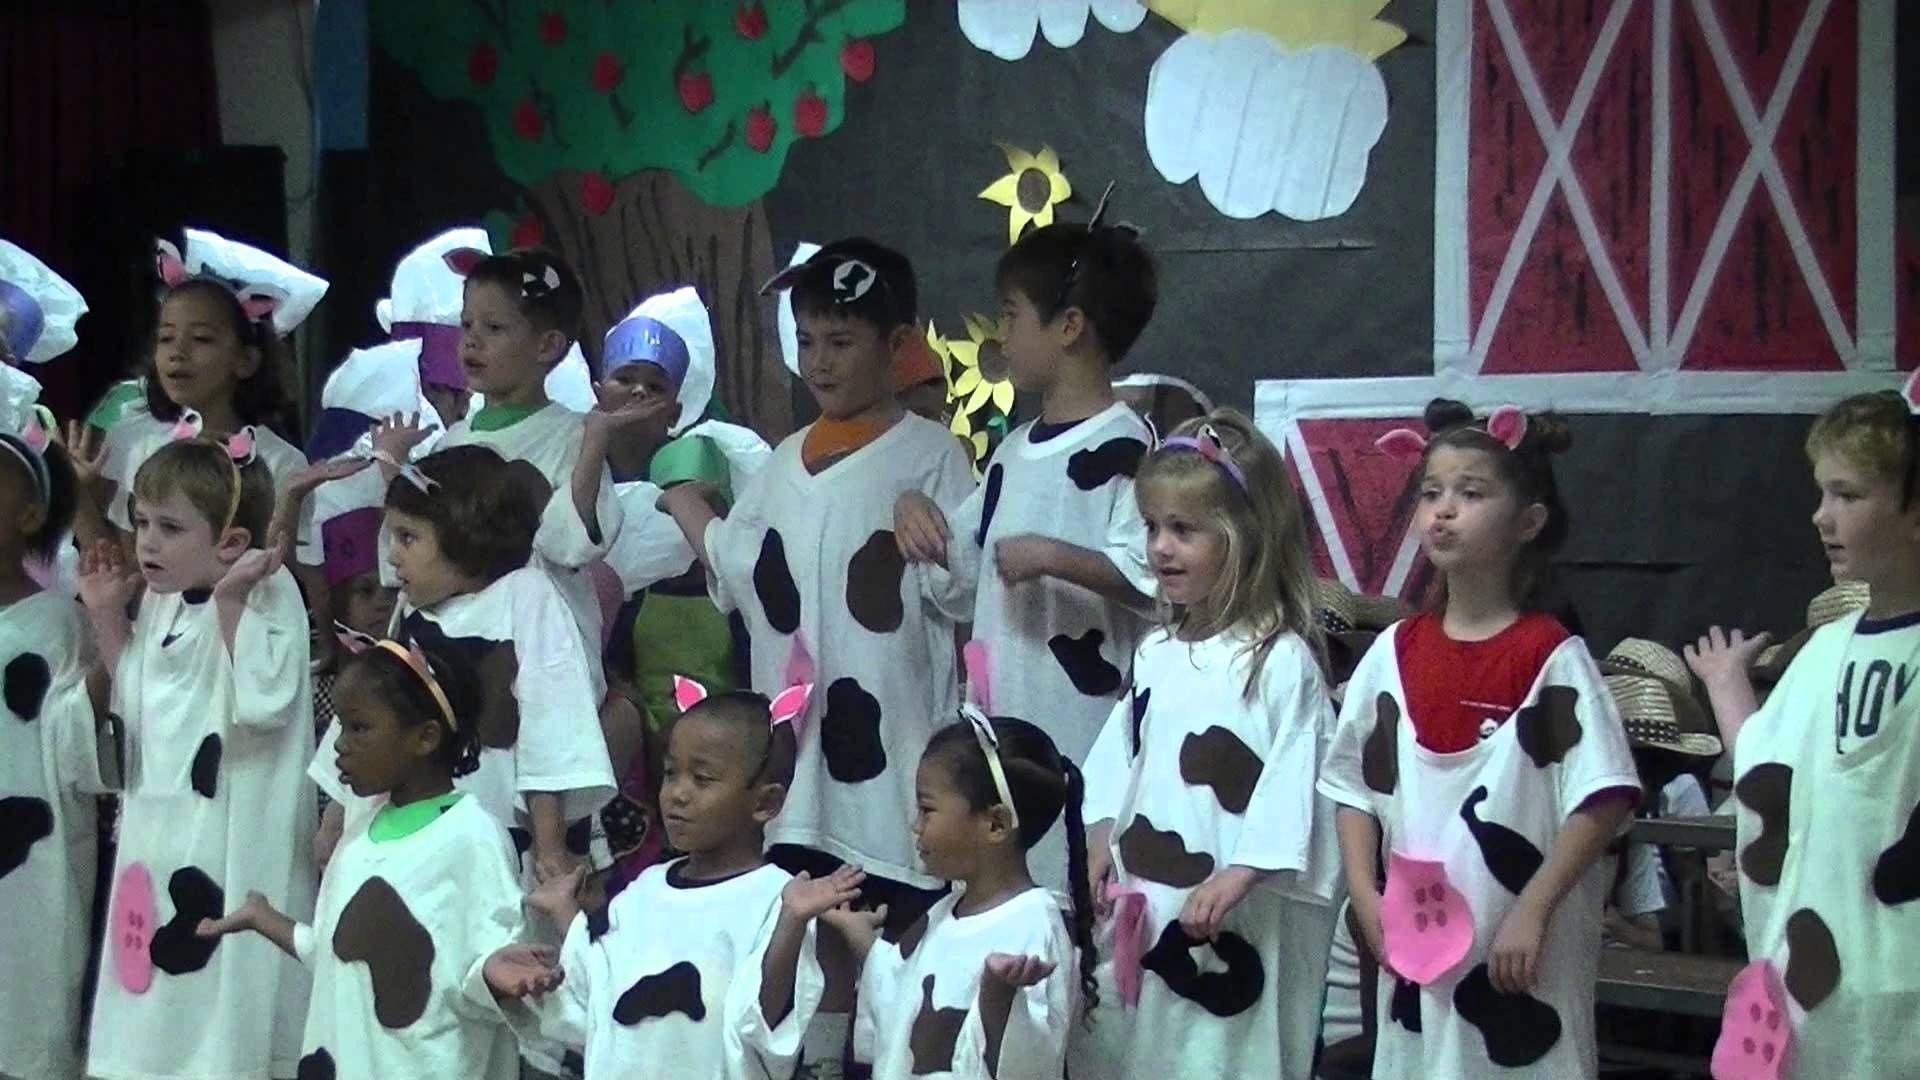 Cows Chorus Line